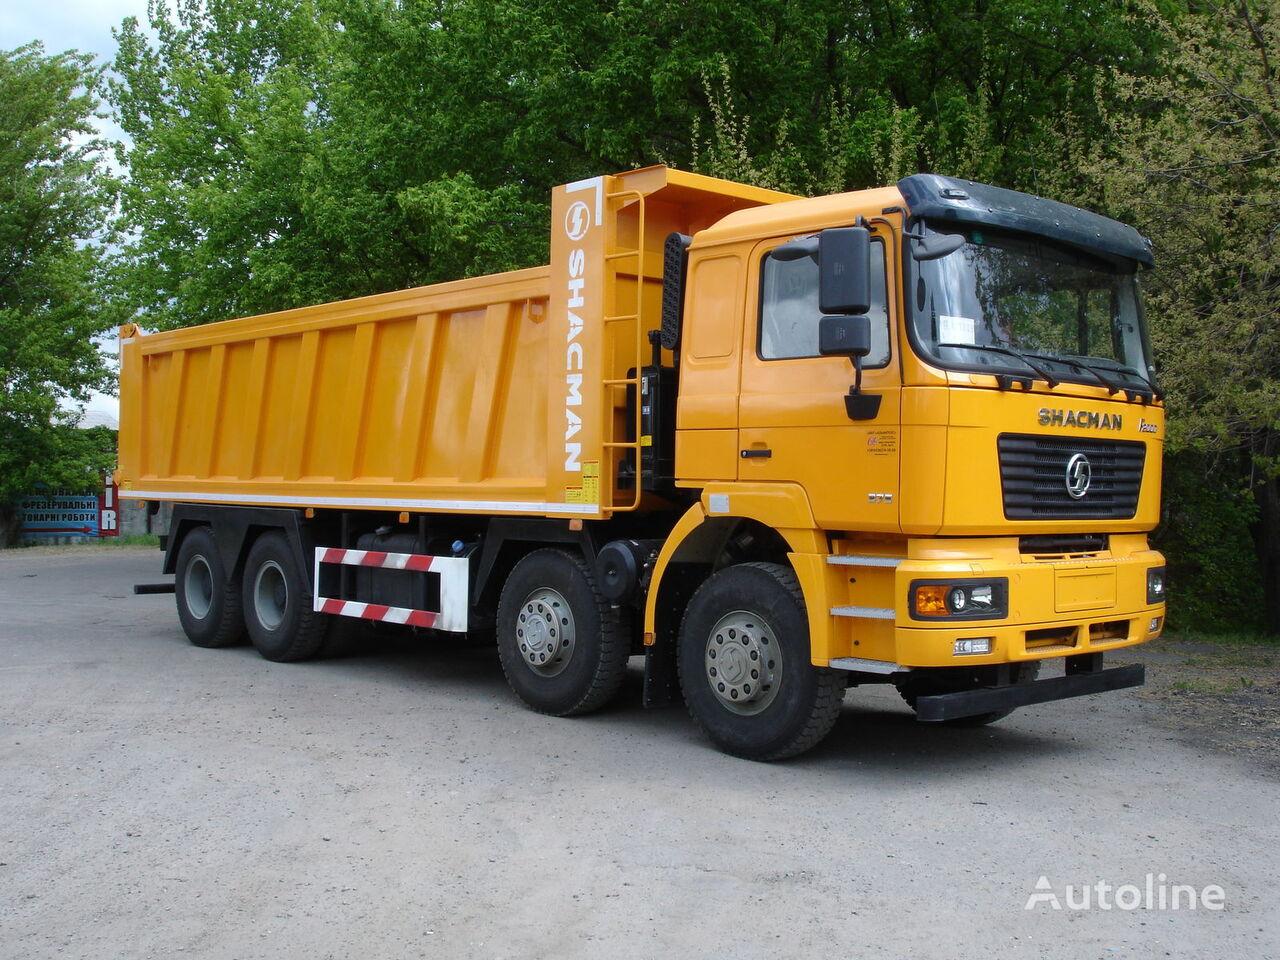 nieuw SHACMAN SHAANXI F2000 kipper vrachtwagen